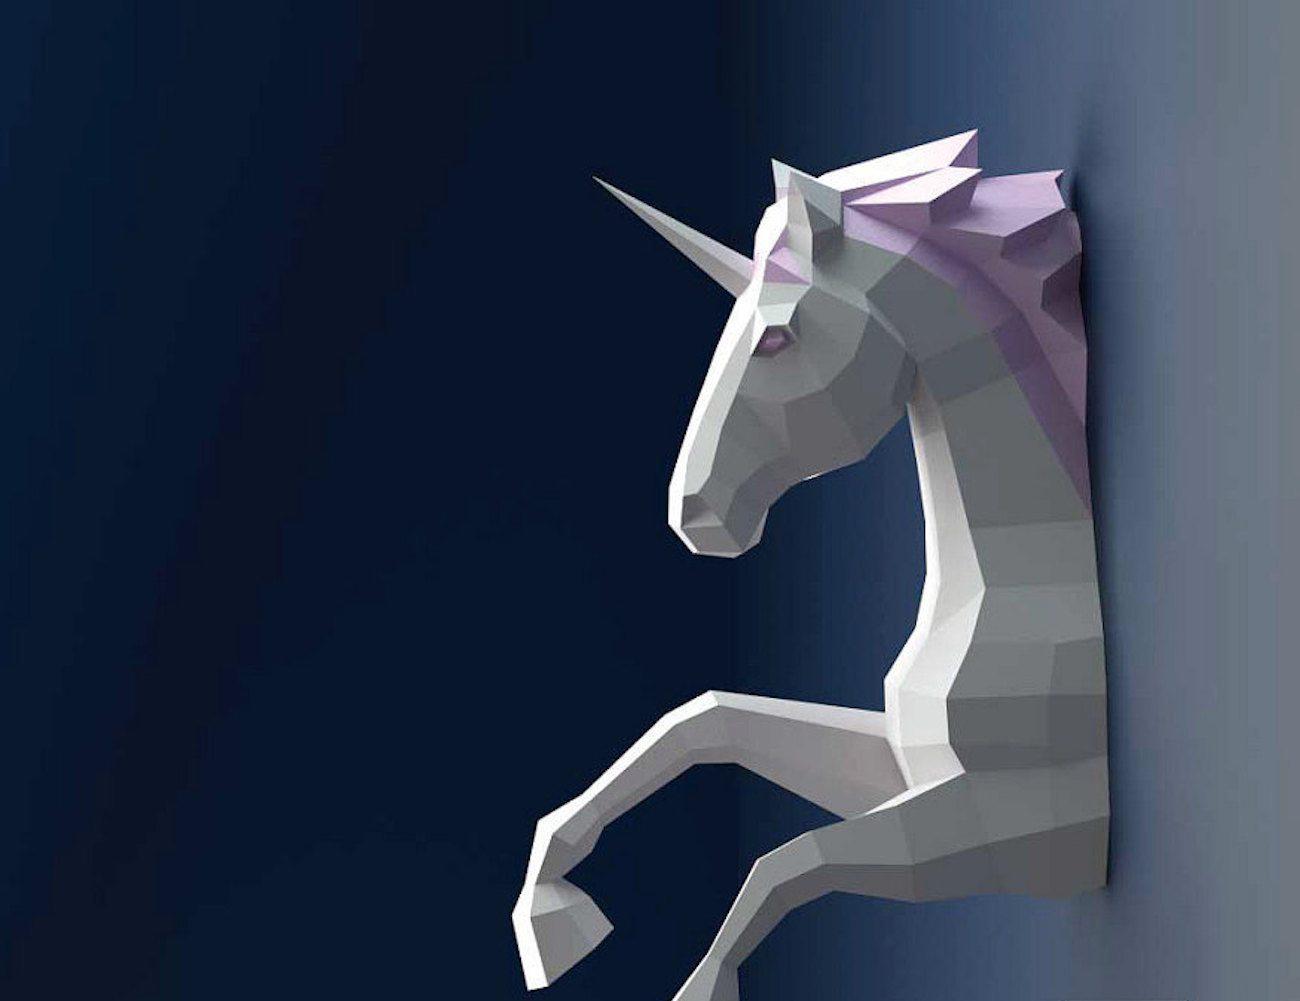 3D+Unicorn+Paper+Sculpture